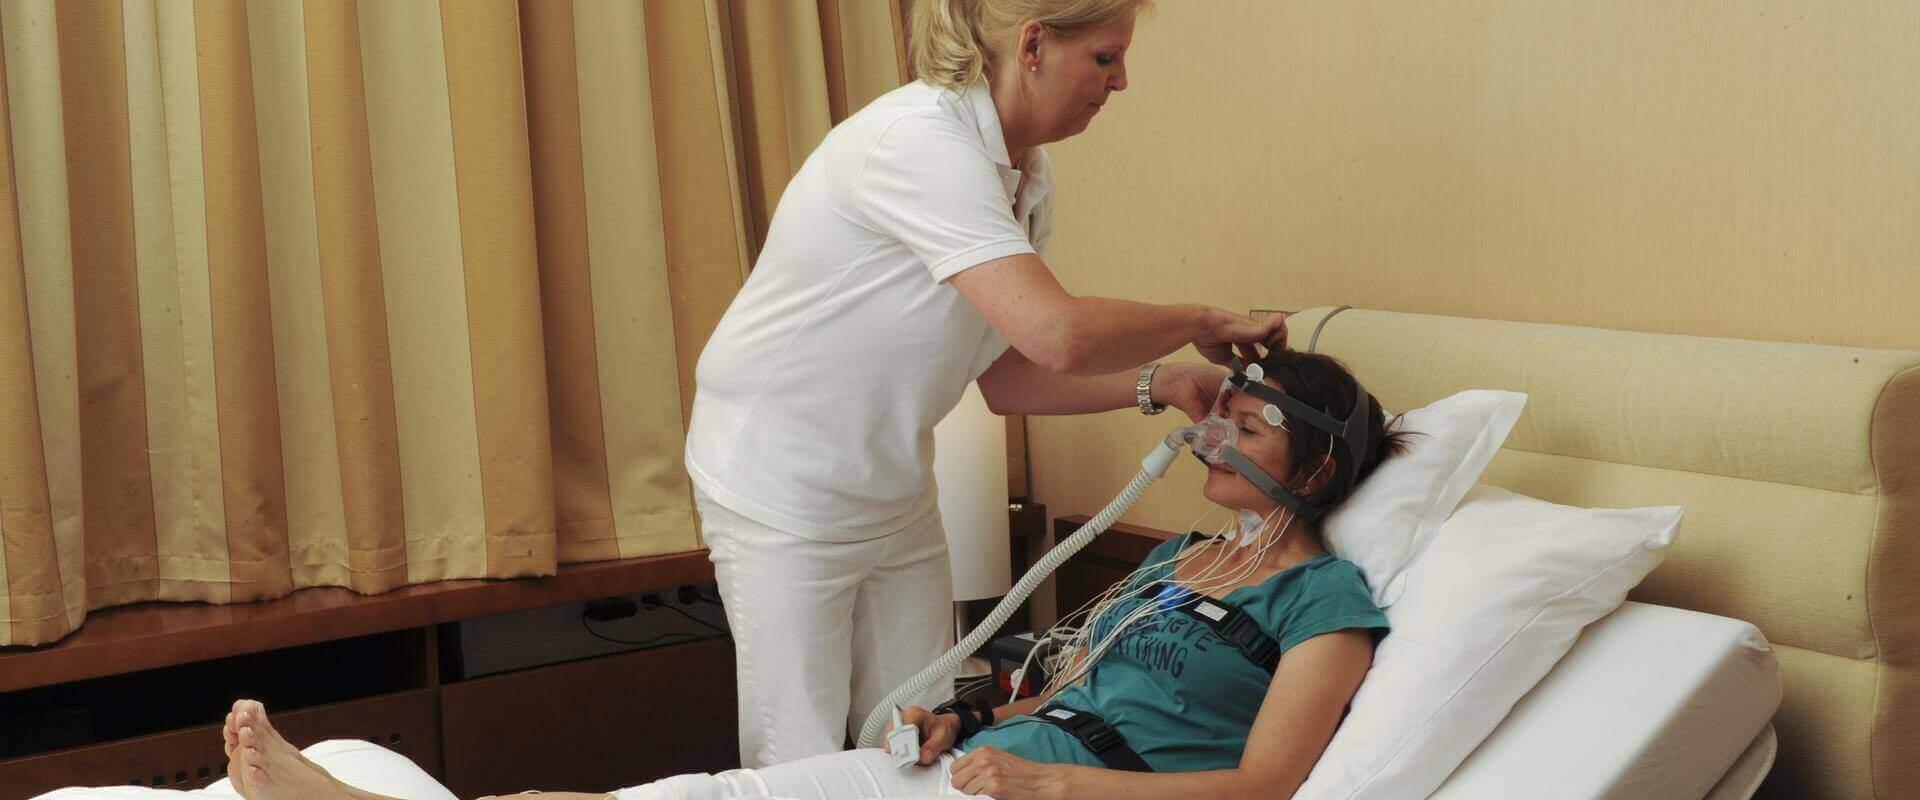 Patientin wird beim Schlafen untersucht im MEDIAN Schlaflabor Bad Dürkheim